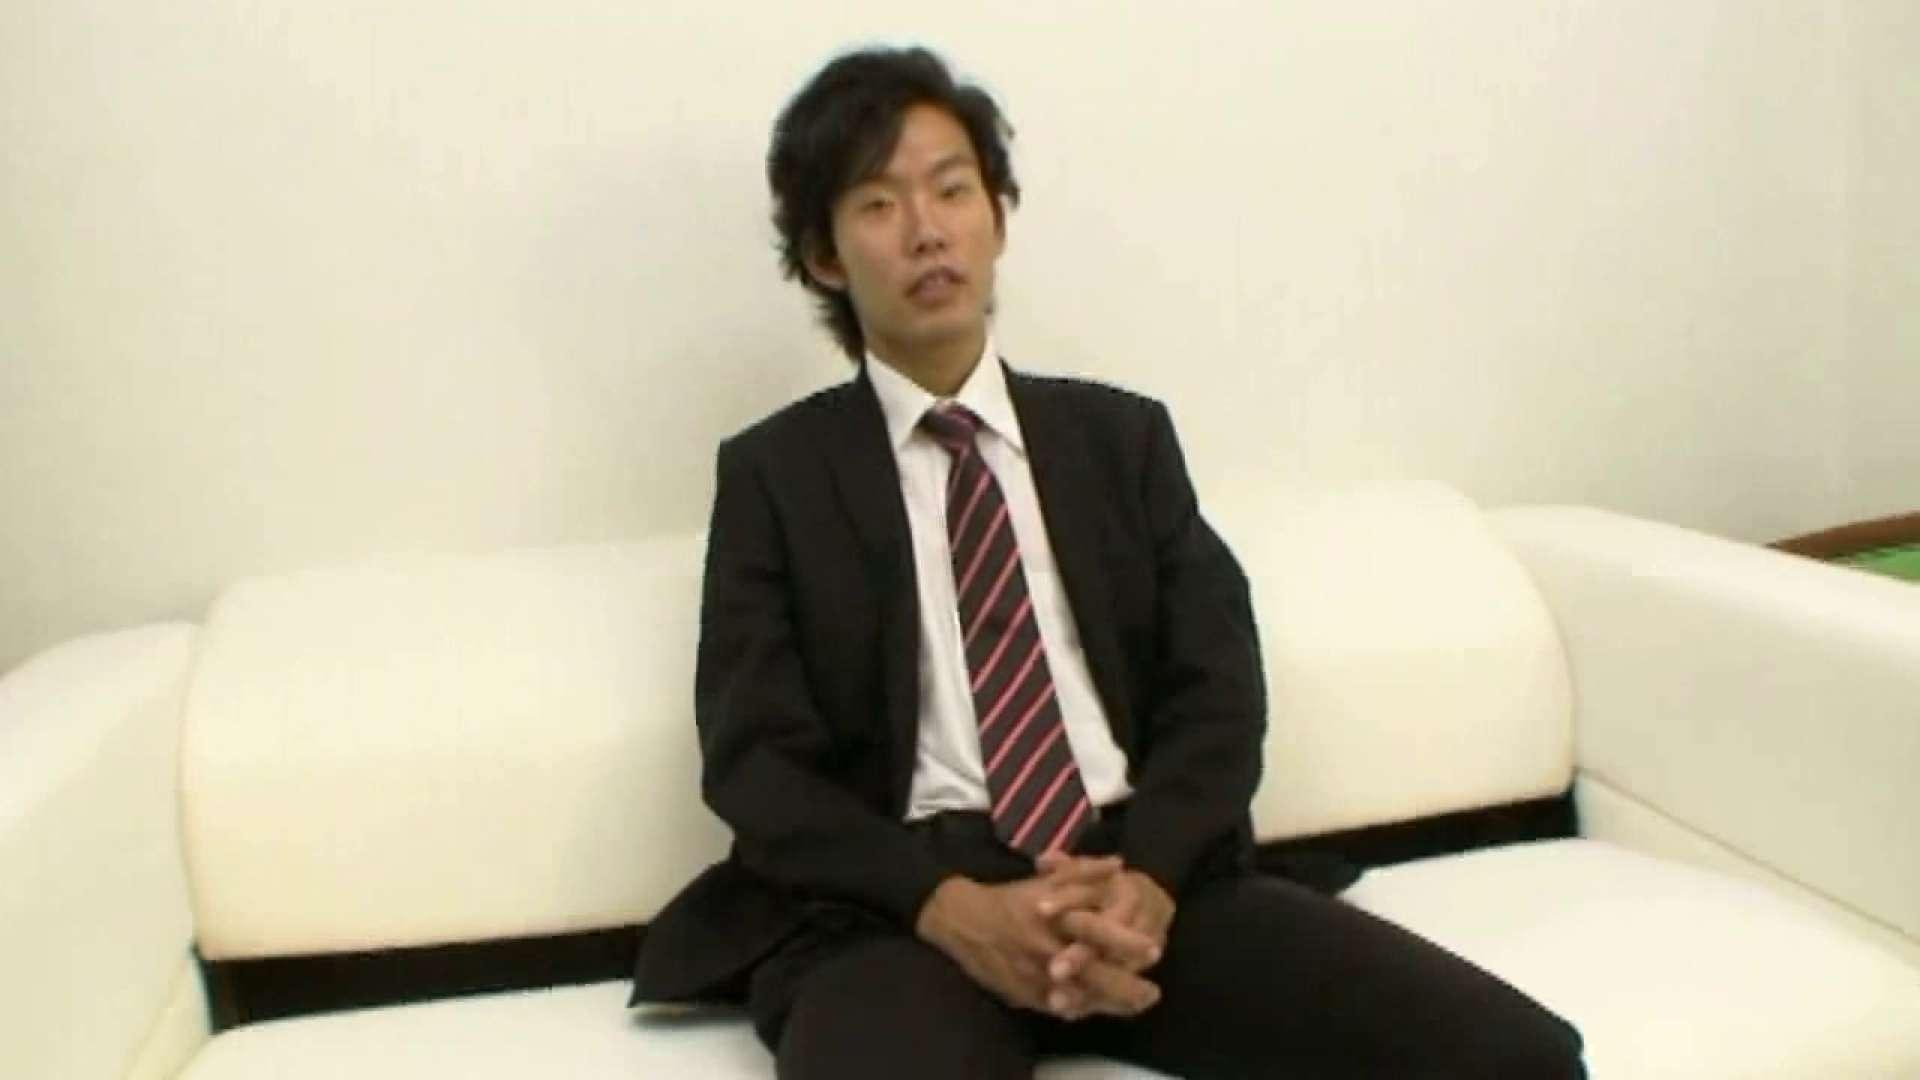 ノンケ!自慰スタジオ No.14 イメージ (sex) | エロ動画 ゲイエロ画像 92枚 50